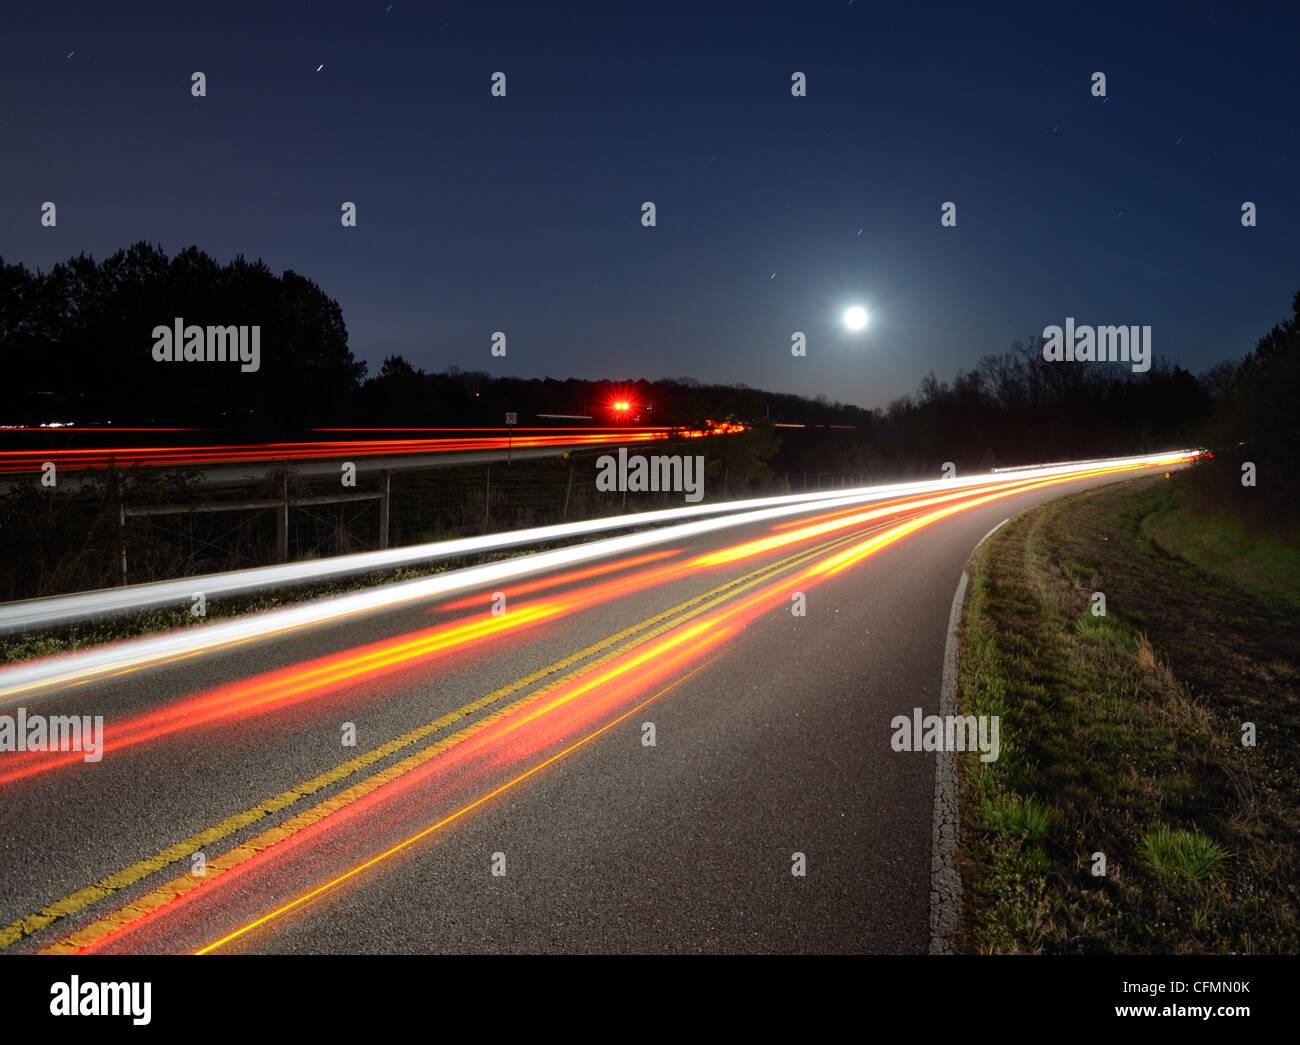 helle Streifen vom Verkehr auf der Straße in der Nacht Stockbild